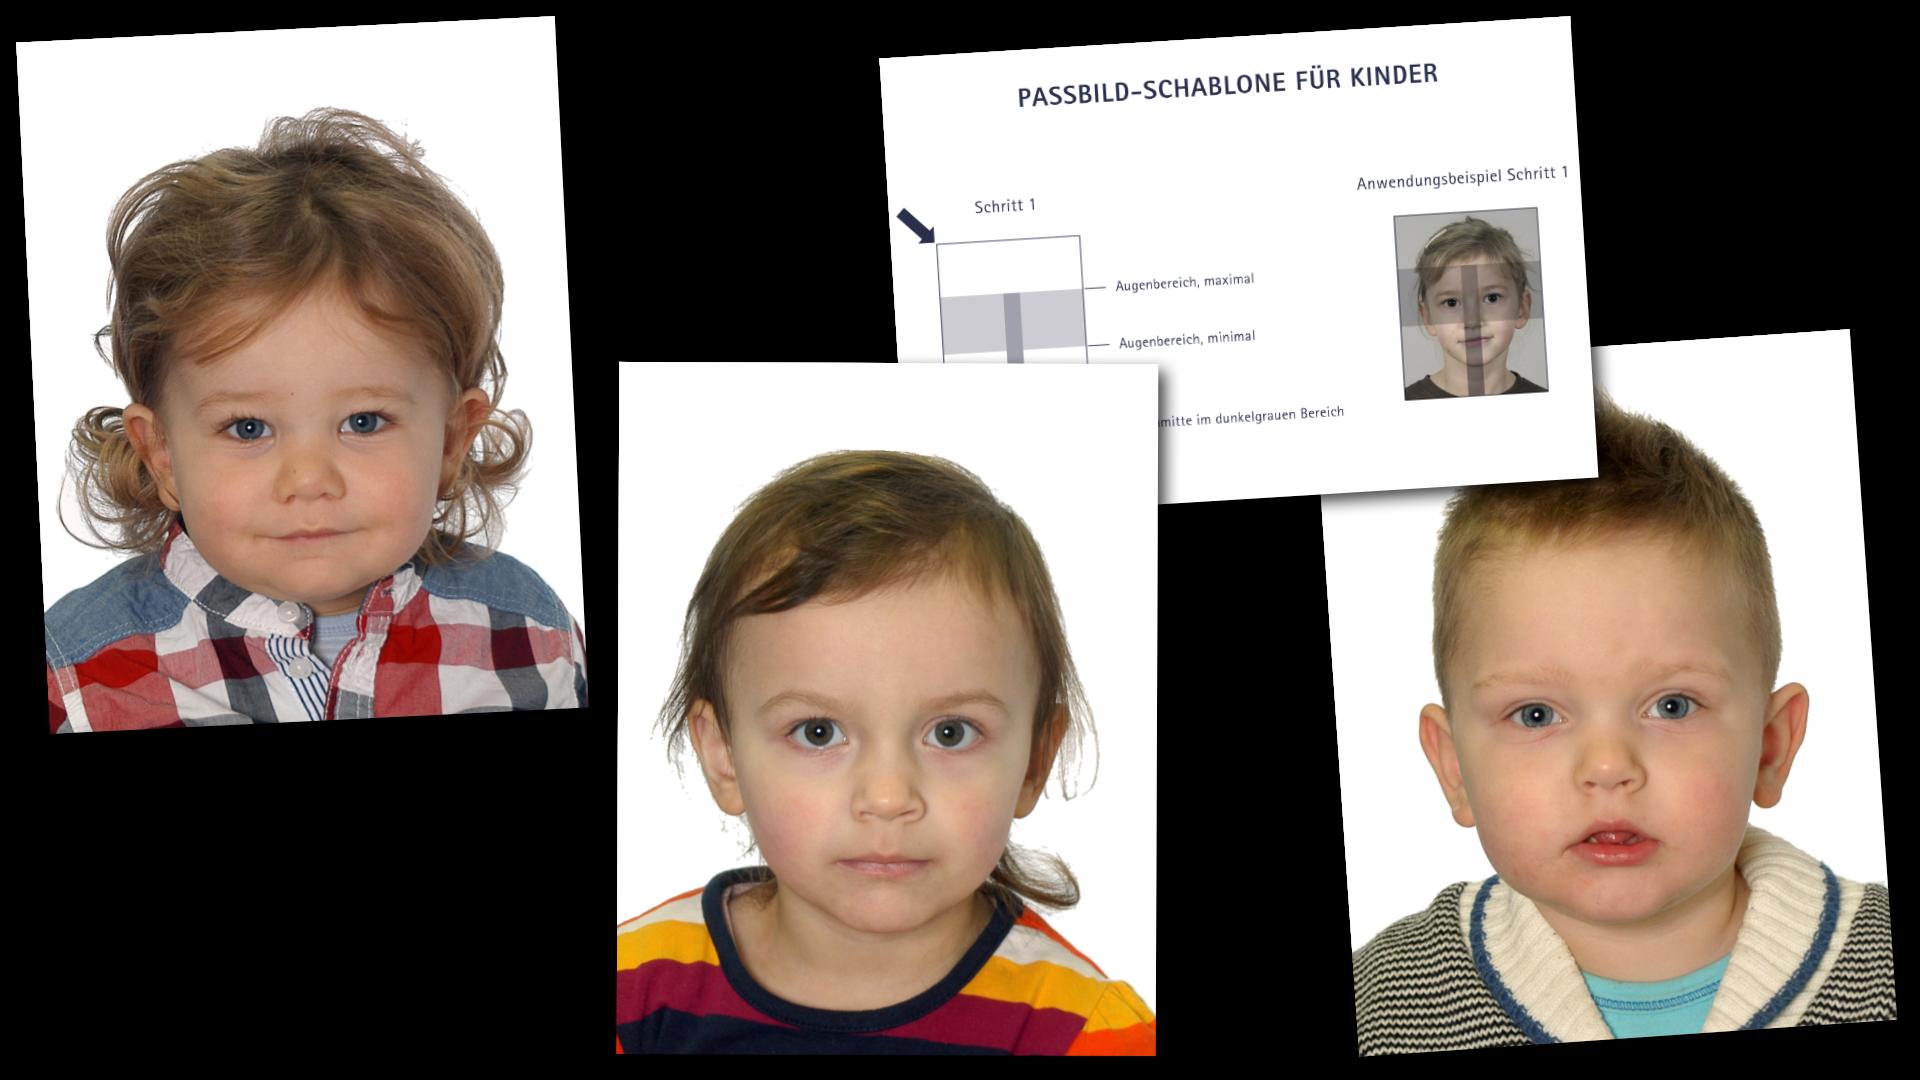 Gemütlich Uns Passfoto Vorlage Bilder - Entry Level Resume Vorlagen ...